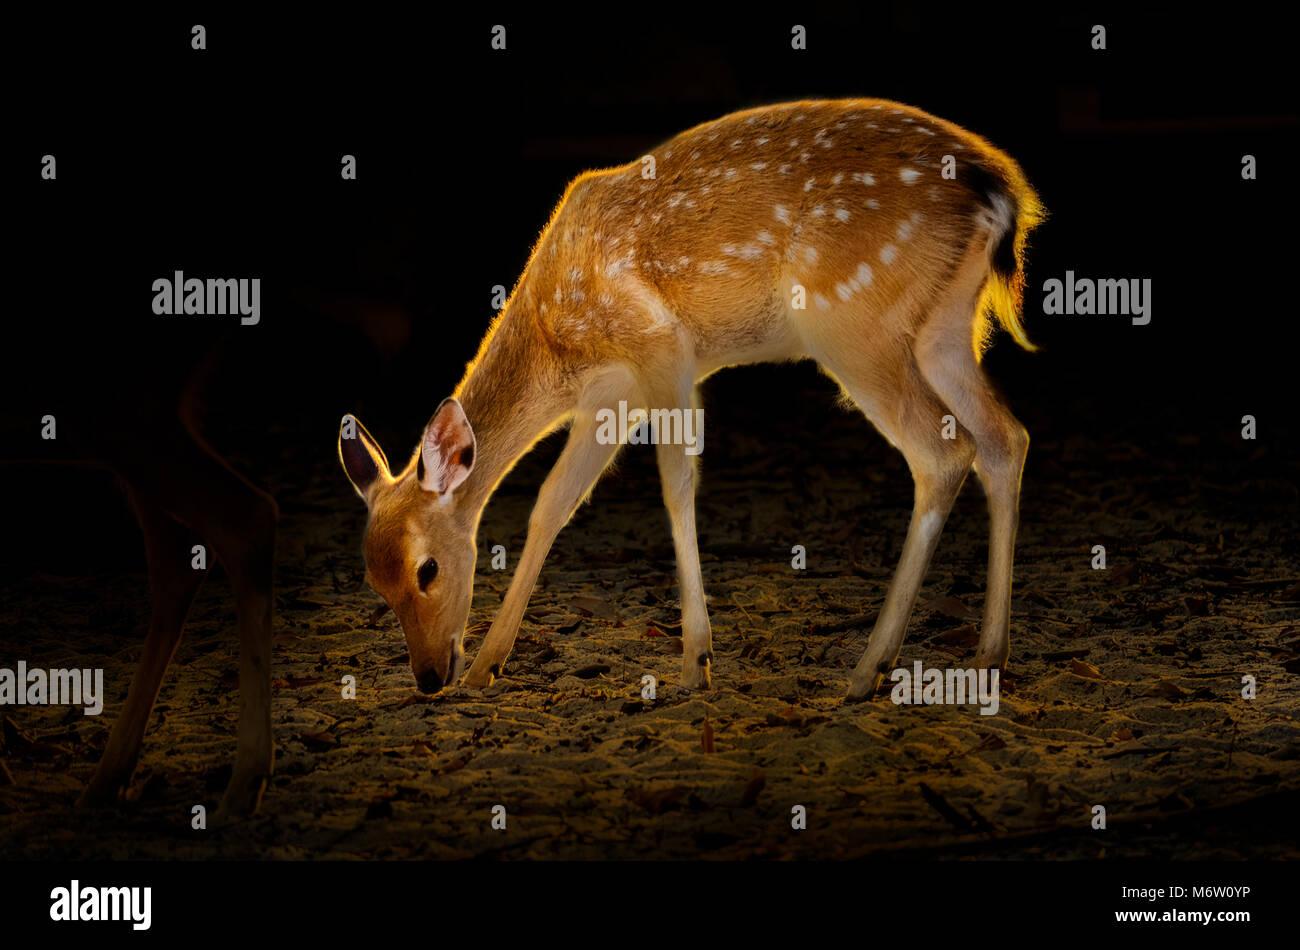 Baby Deer on dark background Golden deer beside Golden light on the body - Stock Image